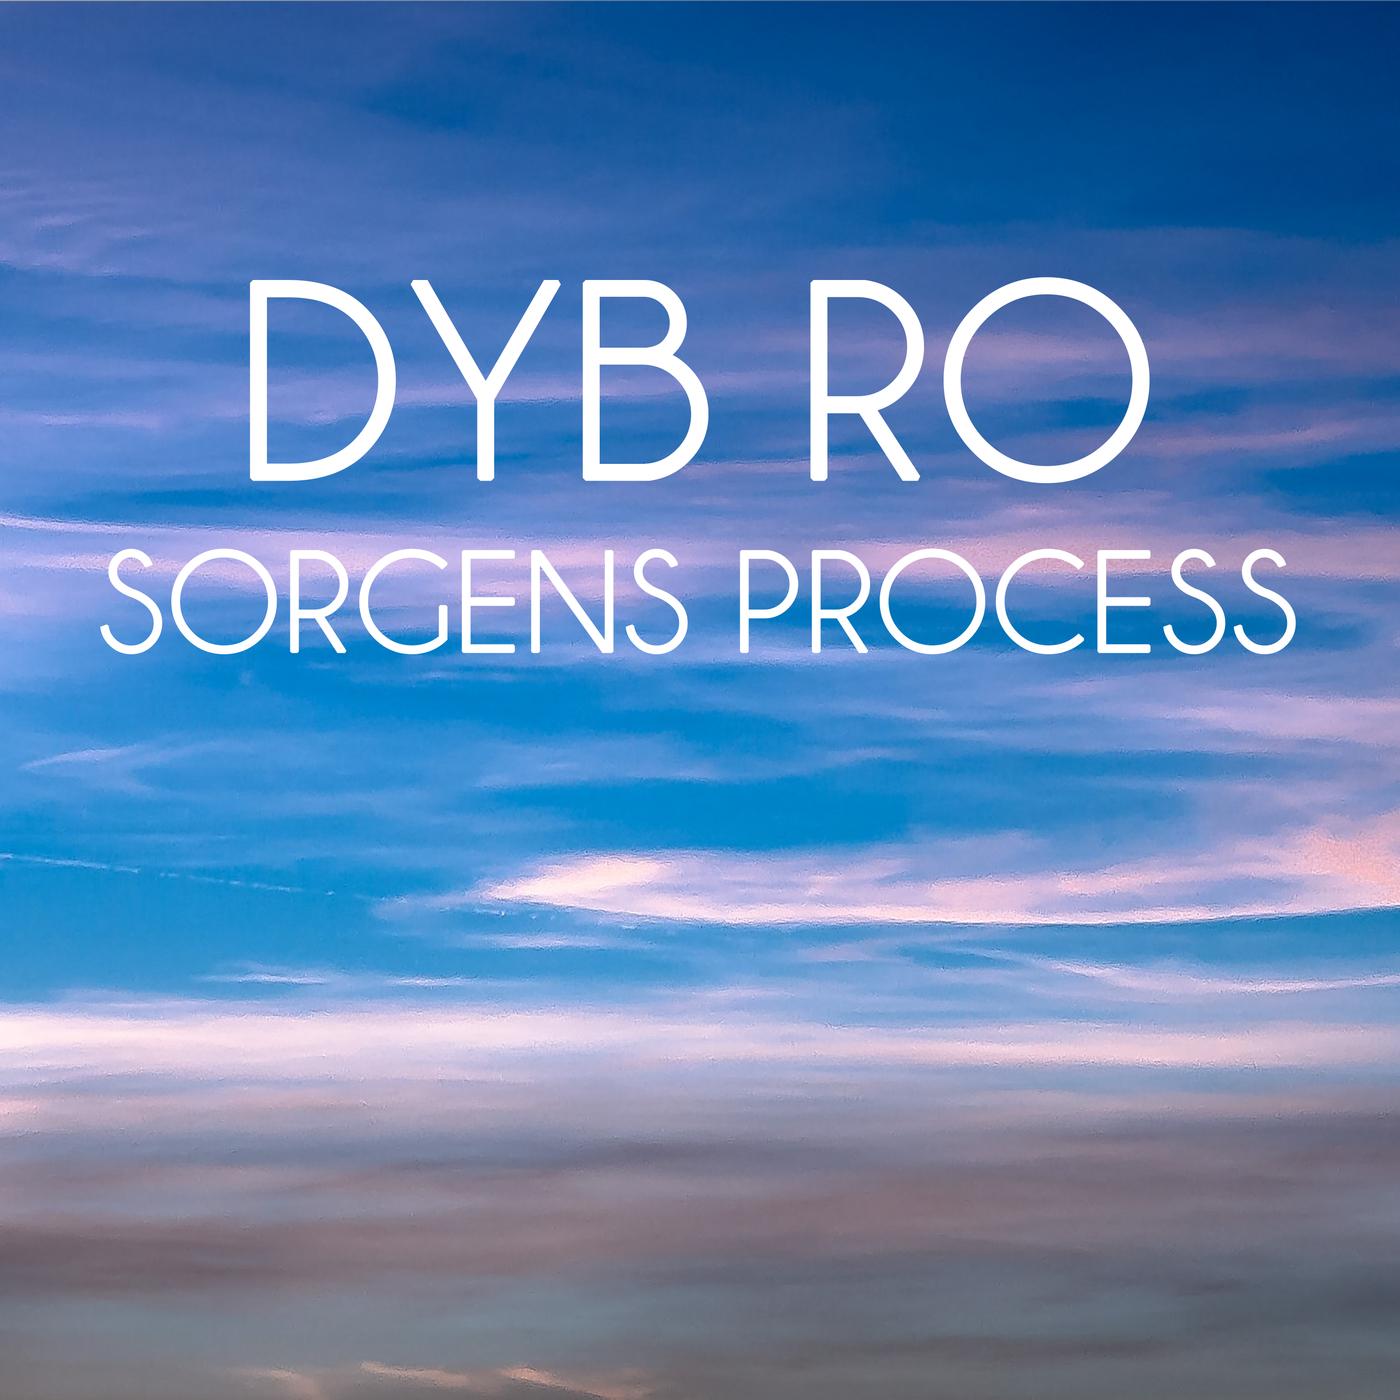 Sæt følelsen fri - Sorgens proces - Dyb Ro